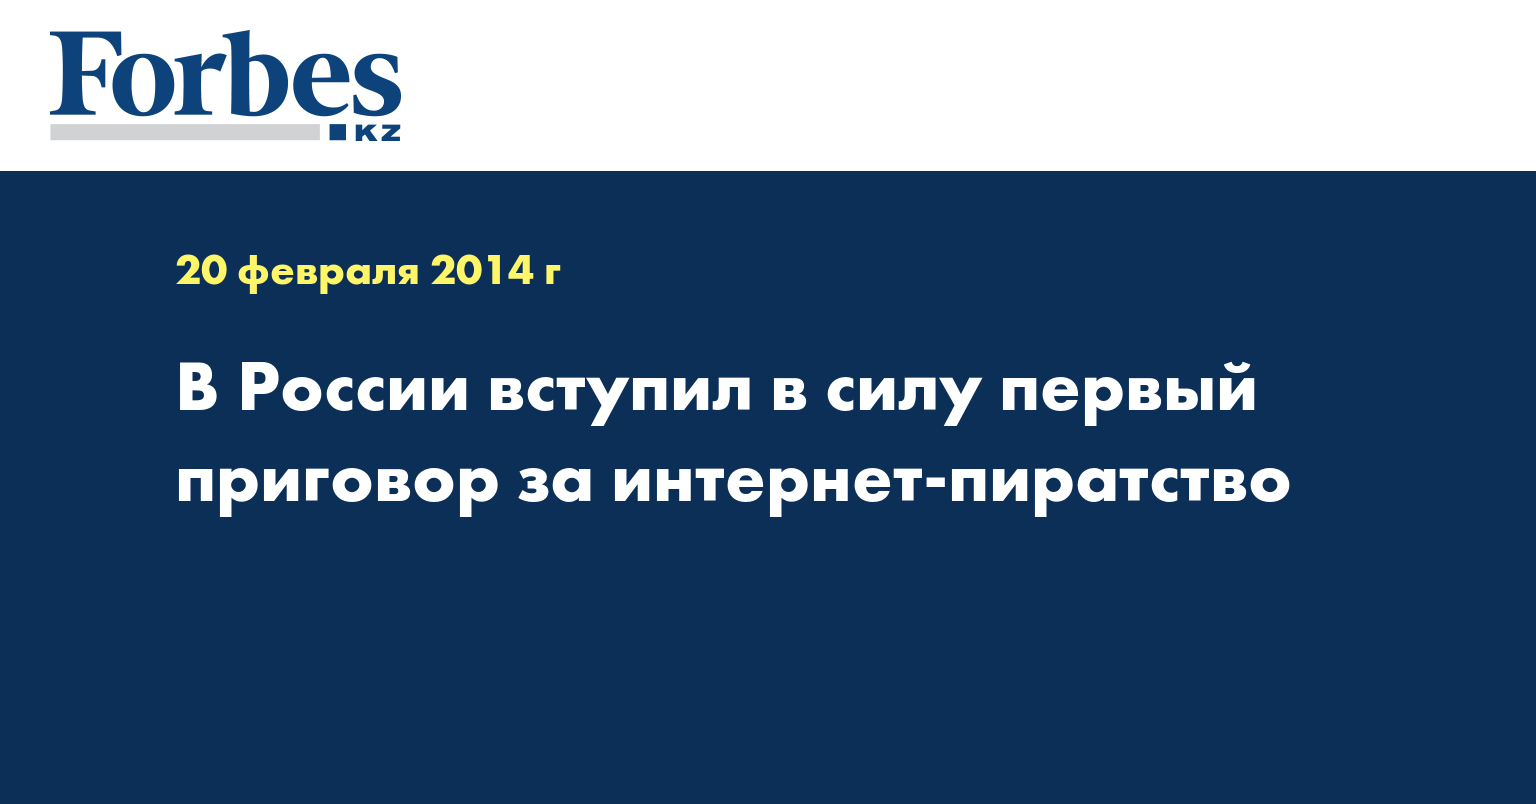 Новости правительства челябинская область